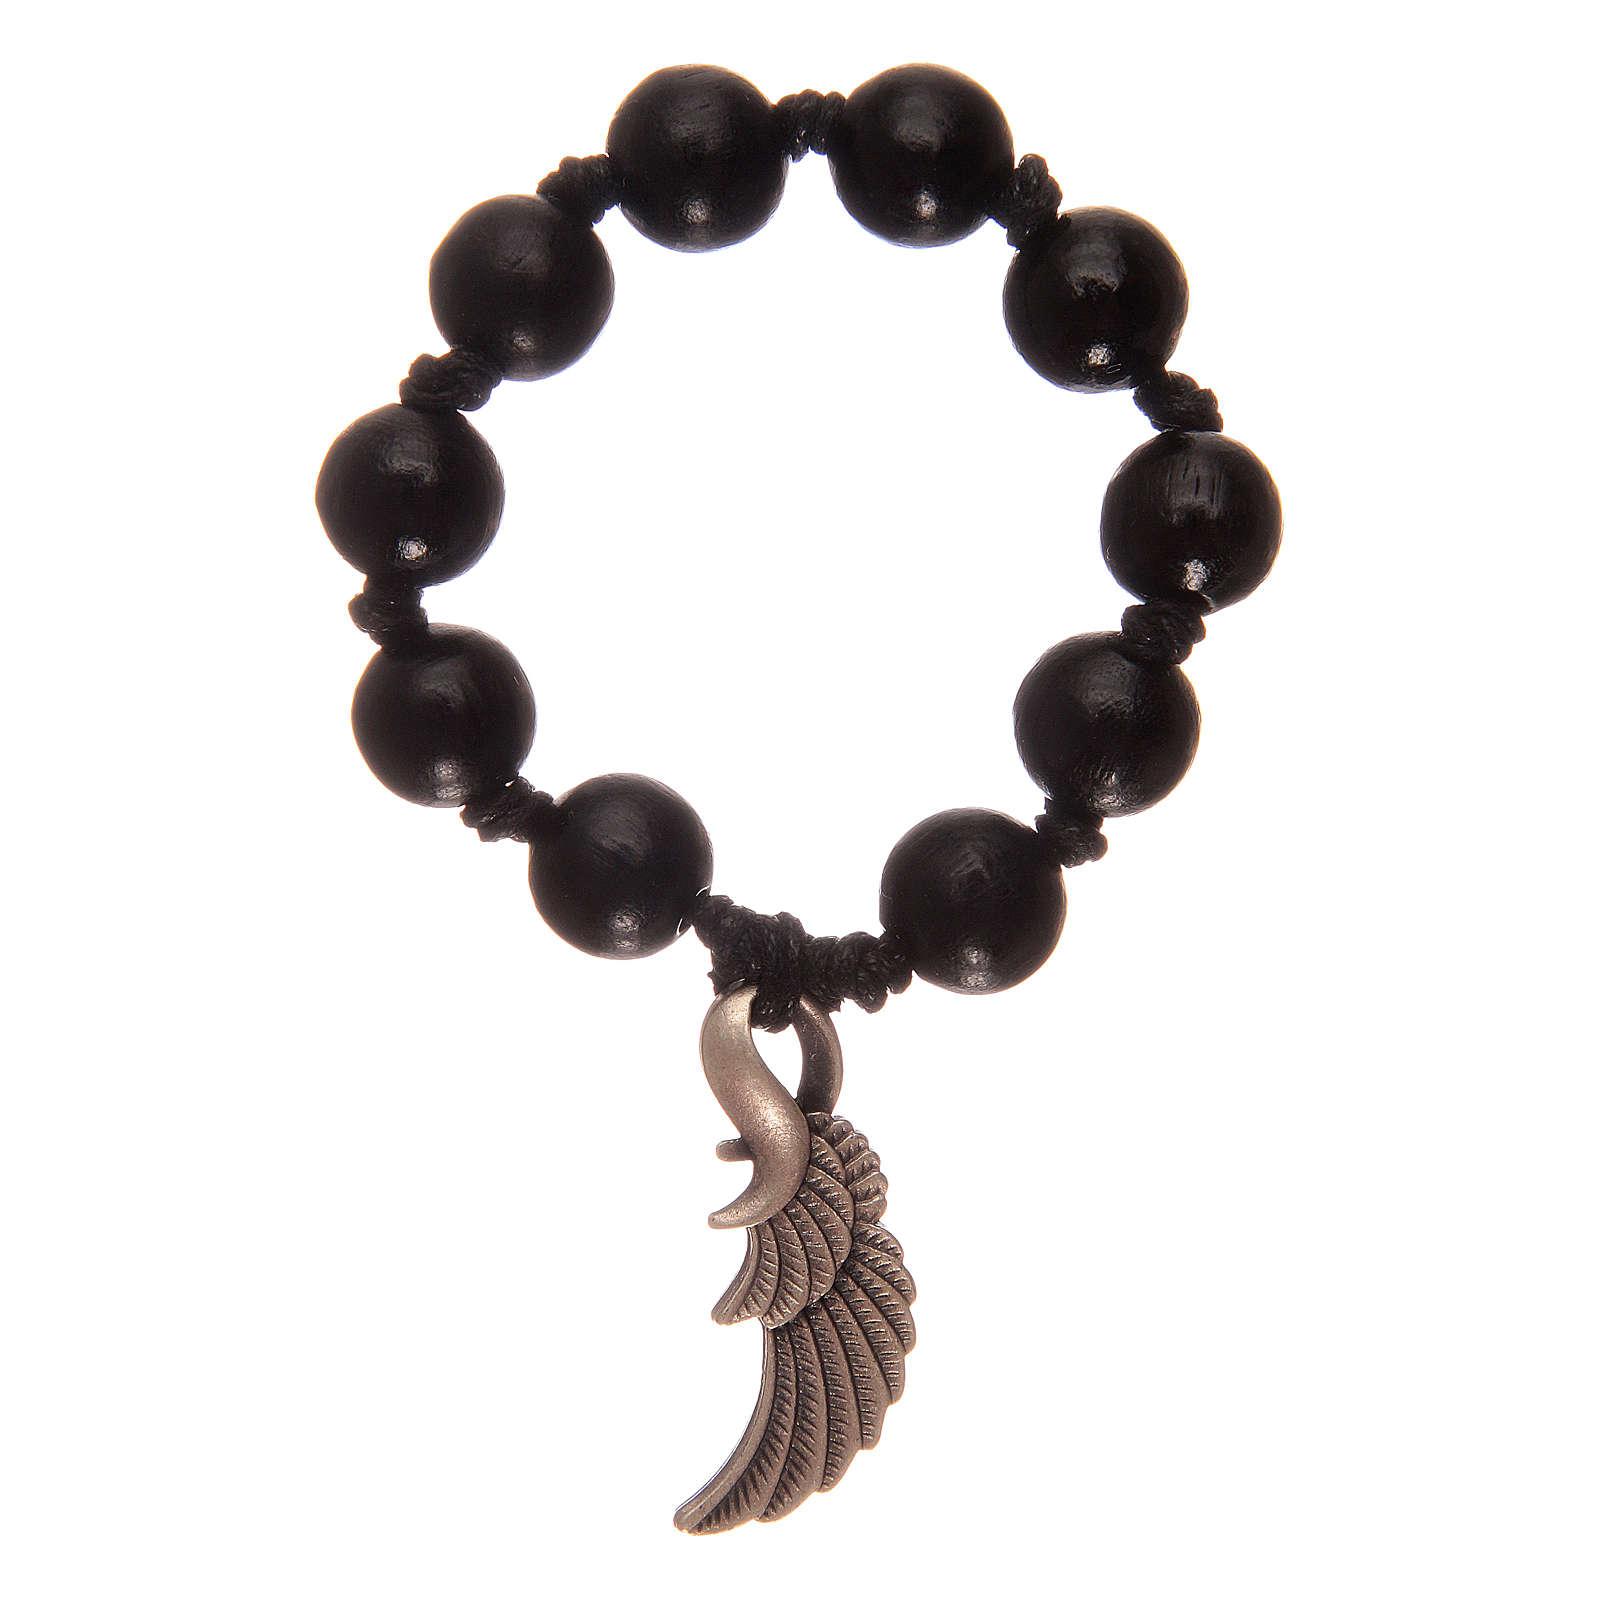 Decina rosario grani in legno nero con ala d'angelo 4